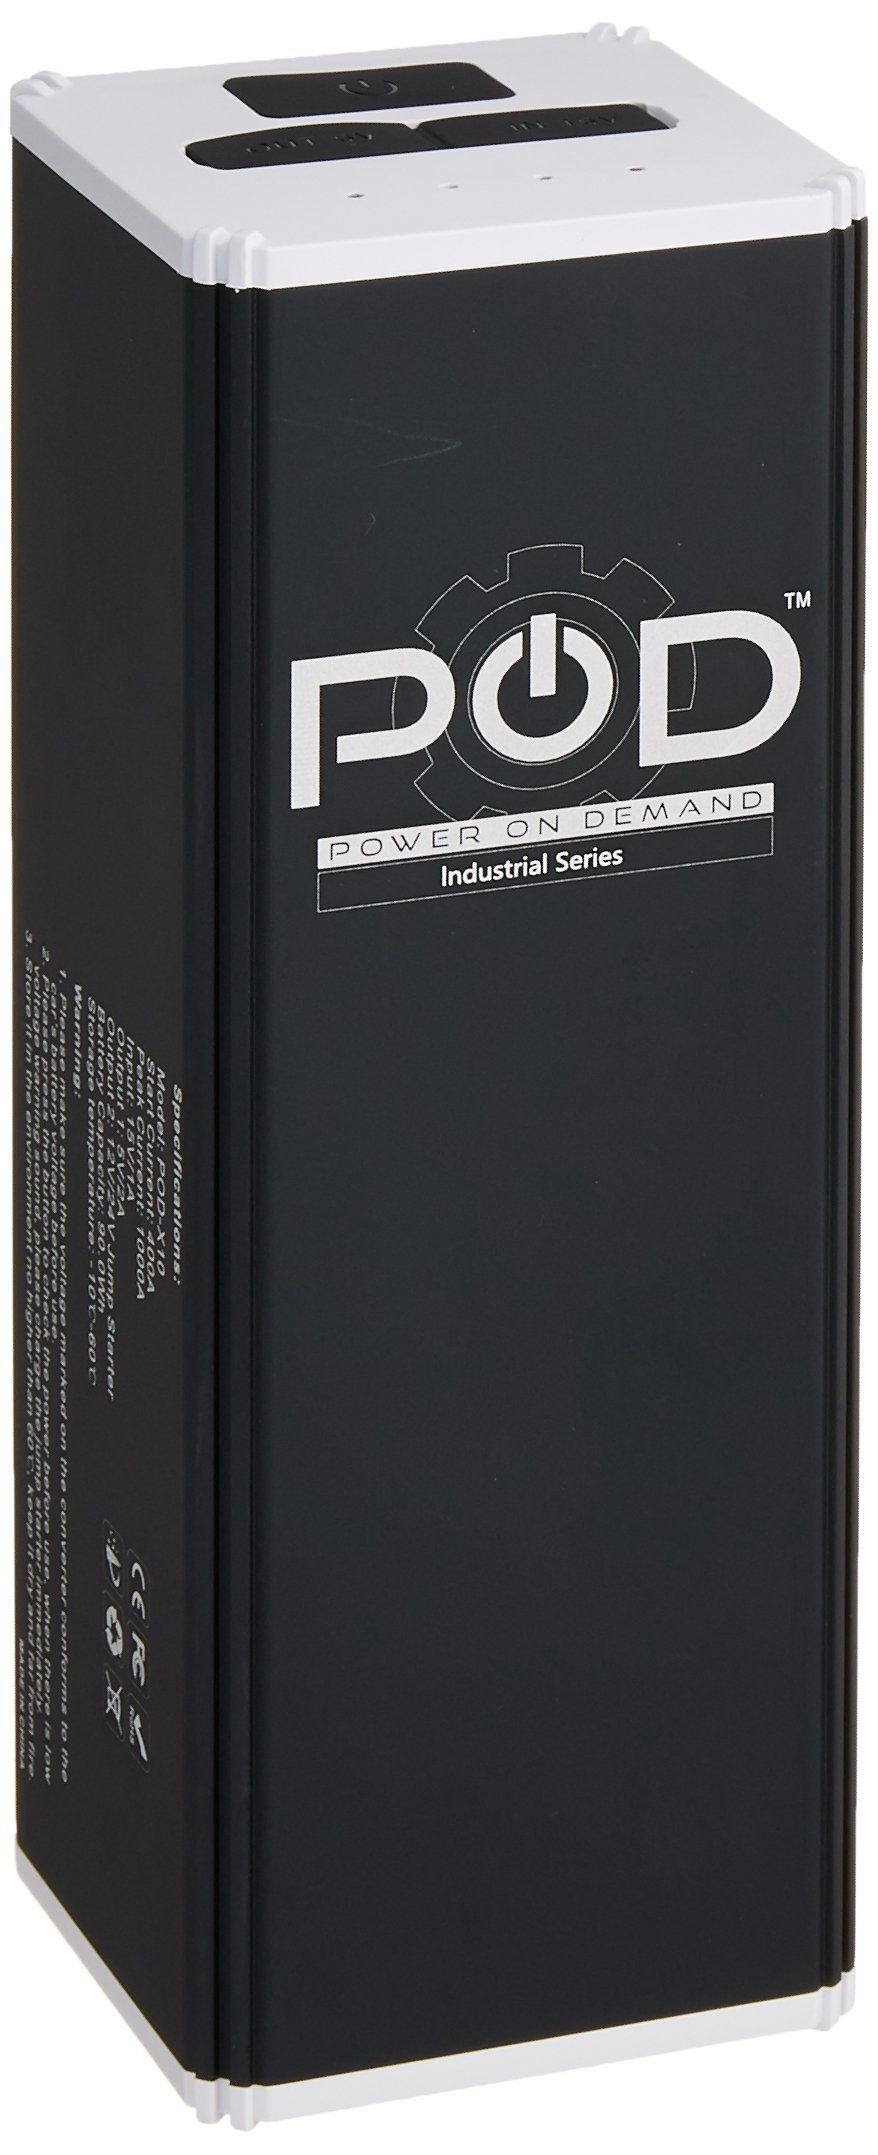 POD POD-X10 Jump Starter for 12V & 24V Diesel Engines, Black